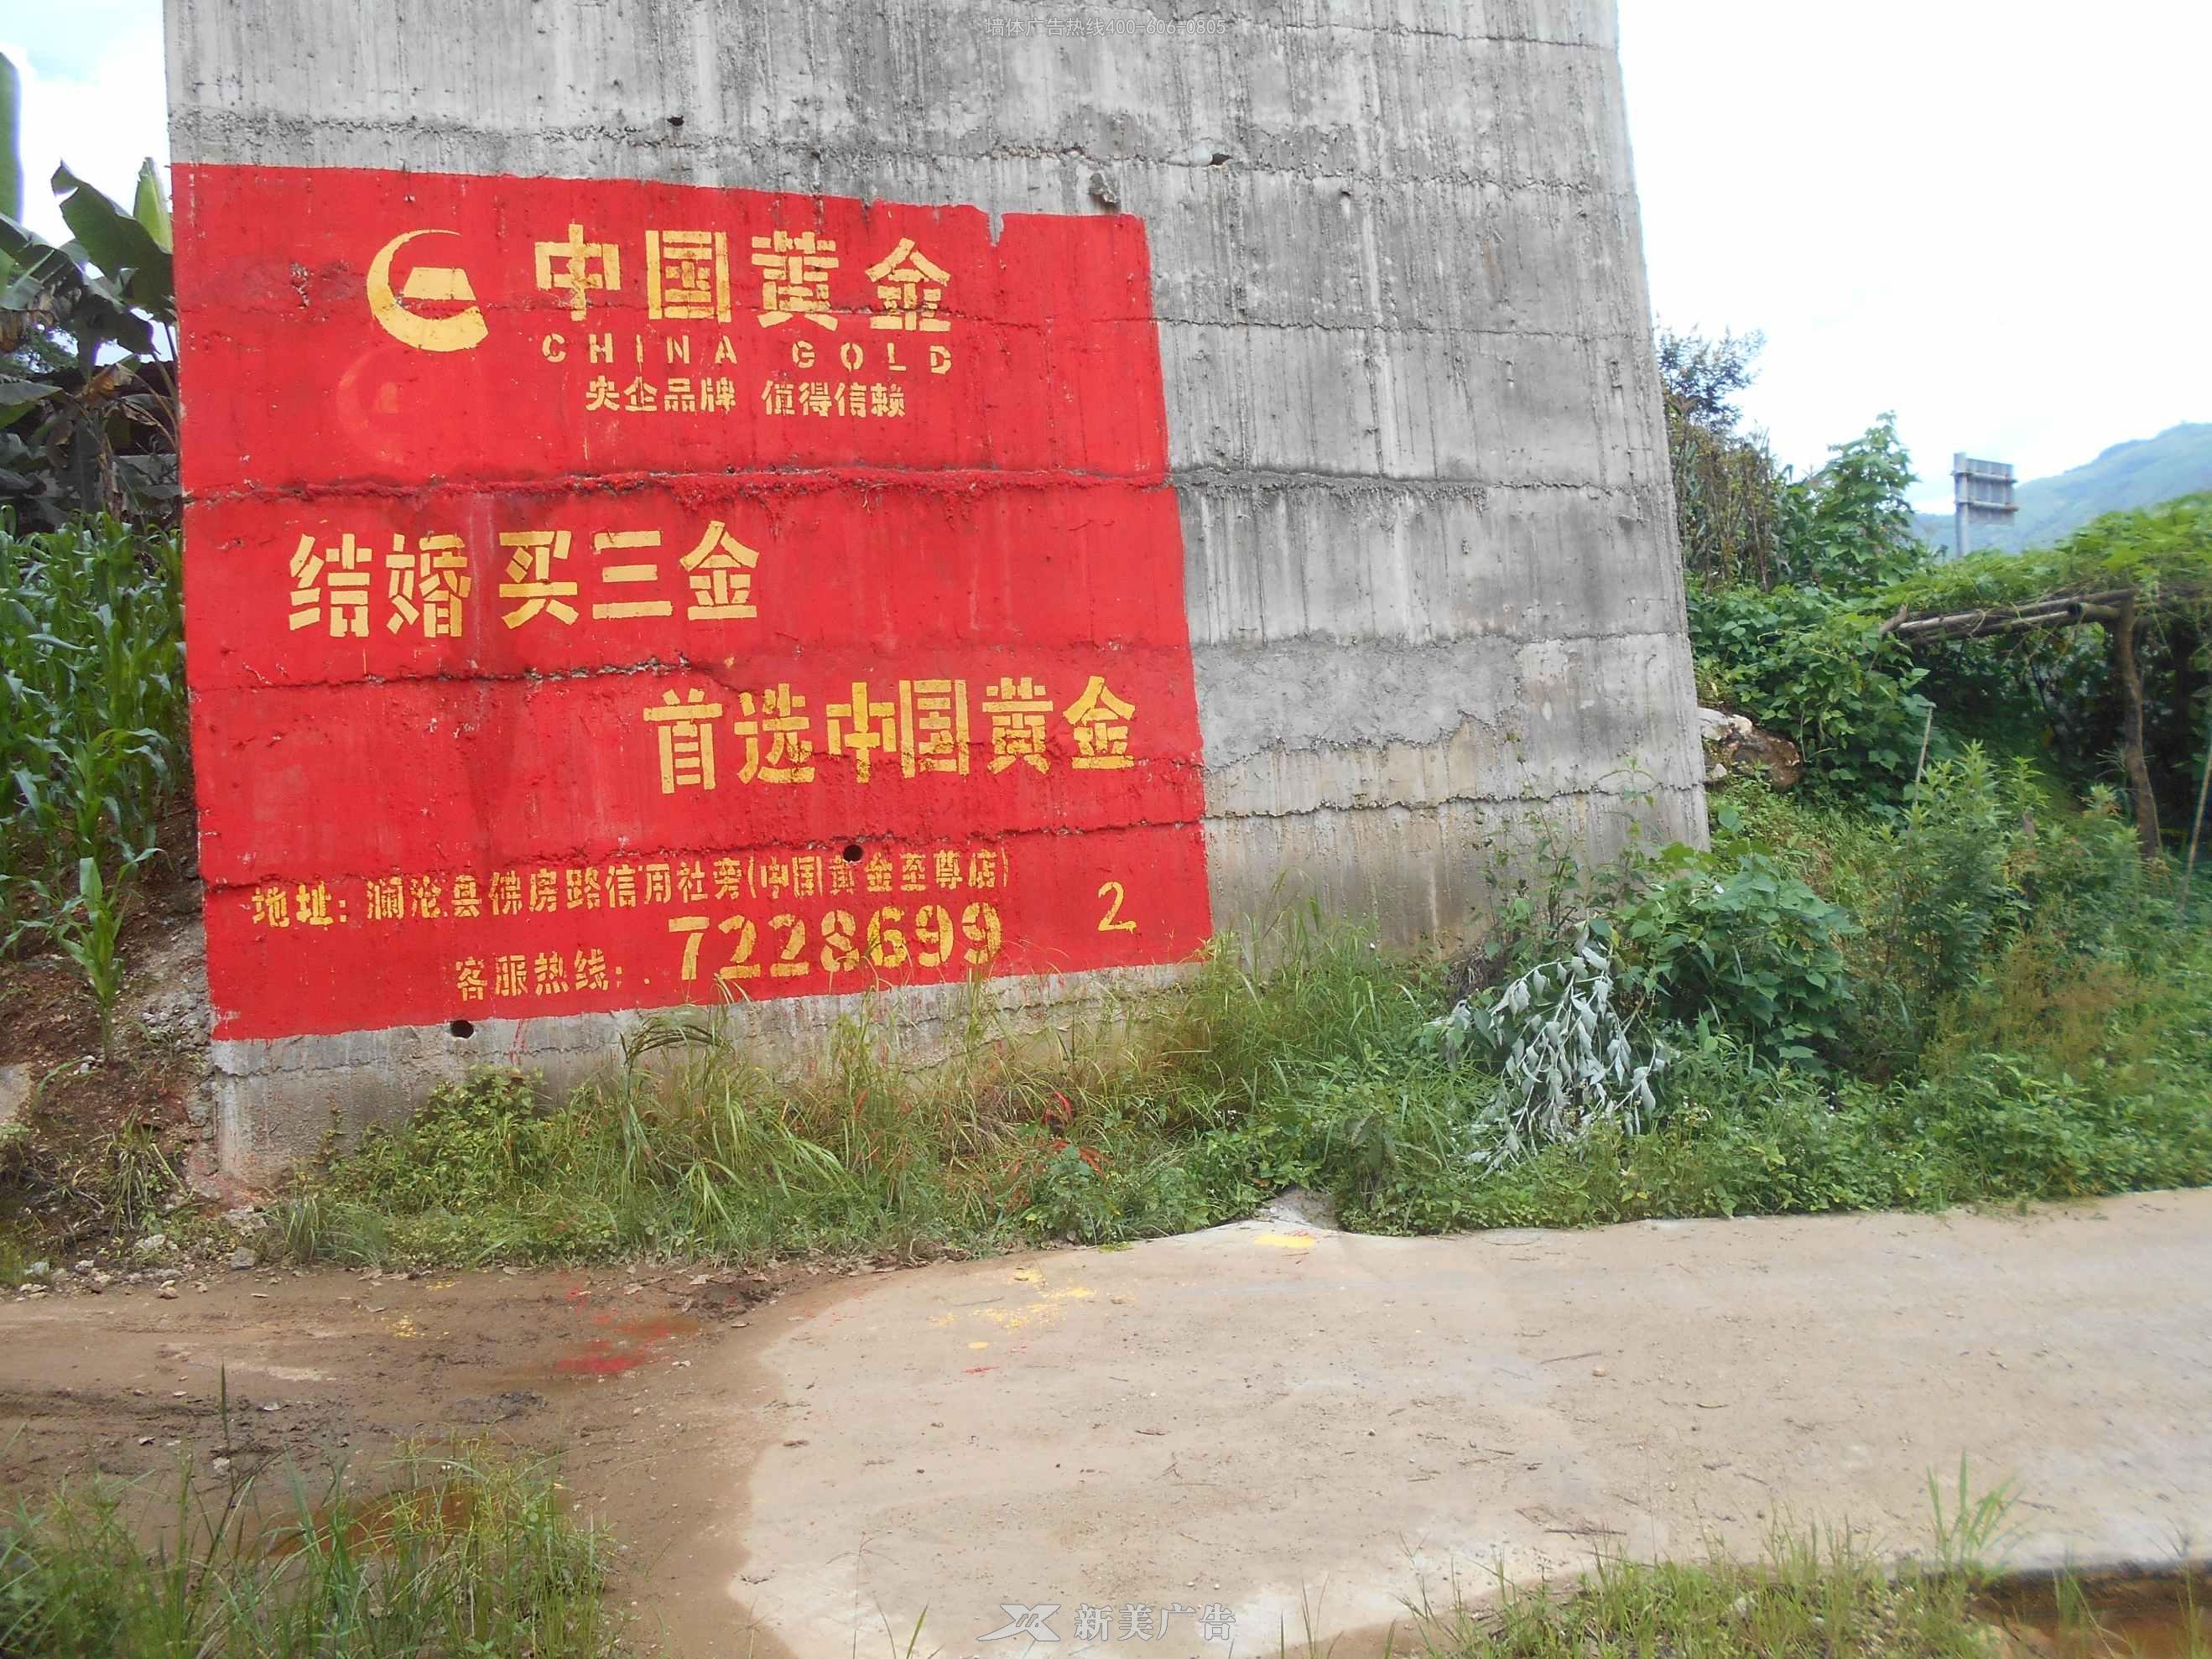 中国黄金(澜沧)足球威廉希尔公司广告